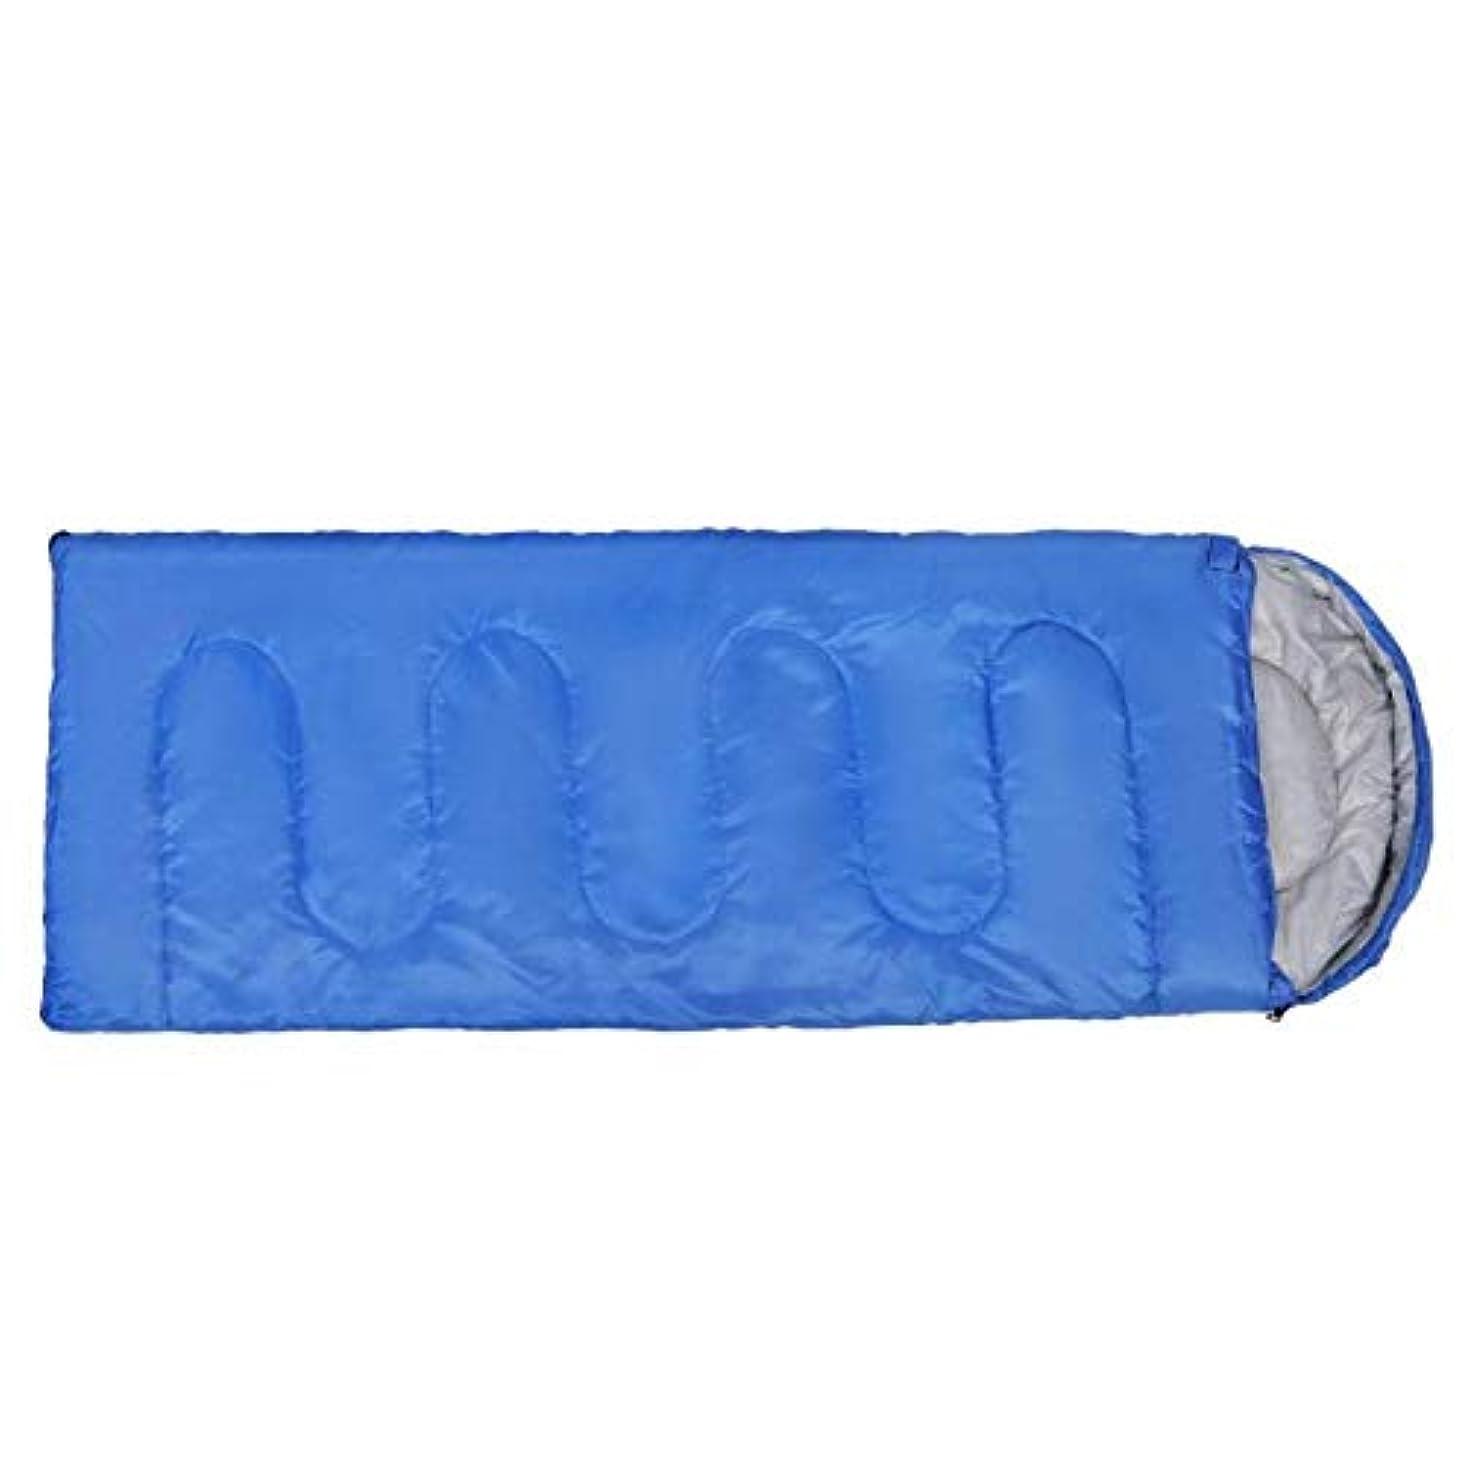 ヒントヘロイン傀儡屋外の大人の軽量のキャンプの寝袋の封筒様式の暖かい綿の寝袋旅行キャンプのための10-20度